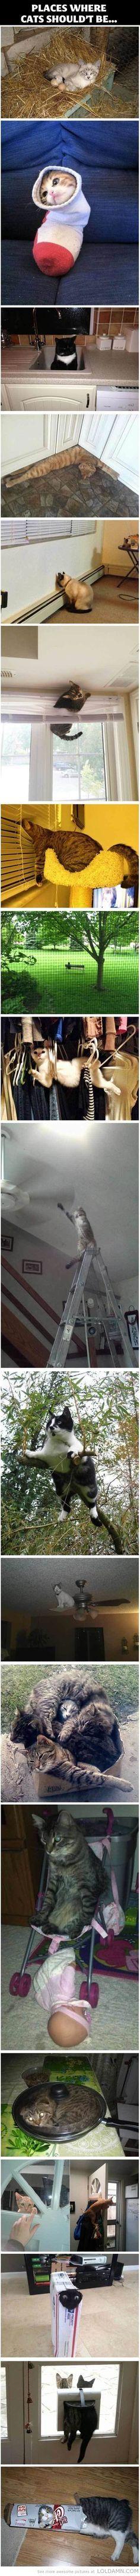 Lieux où les chats ne devraient pas être